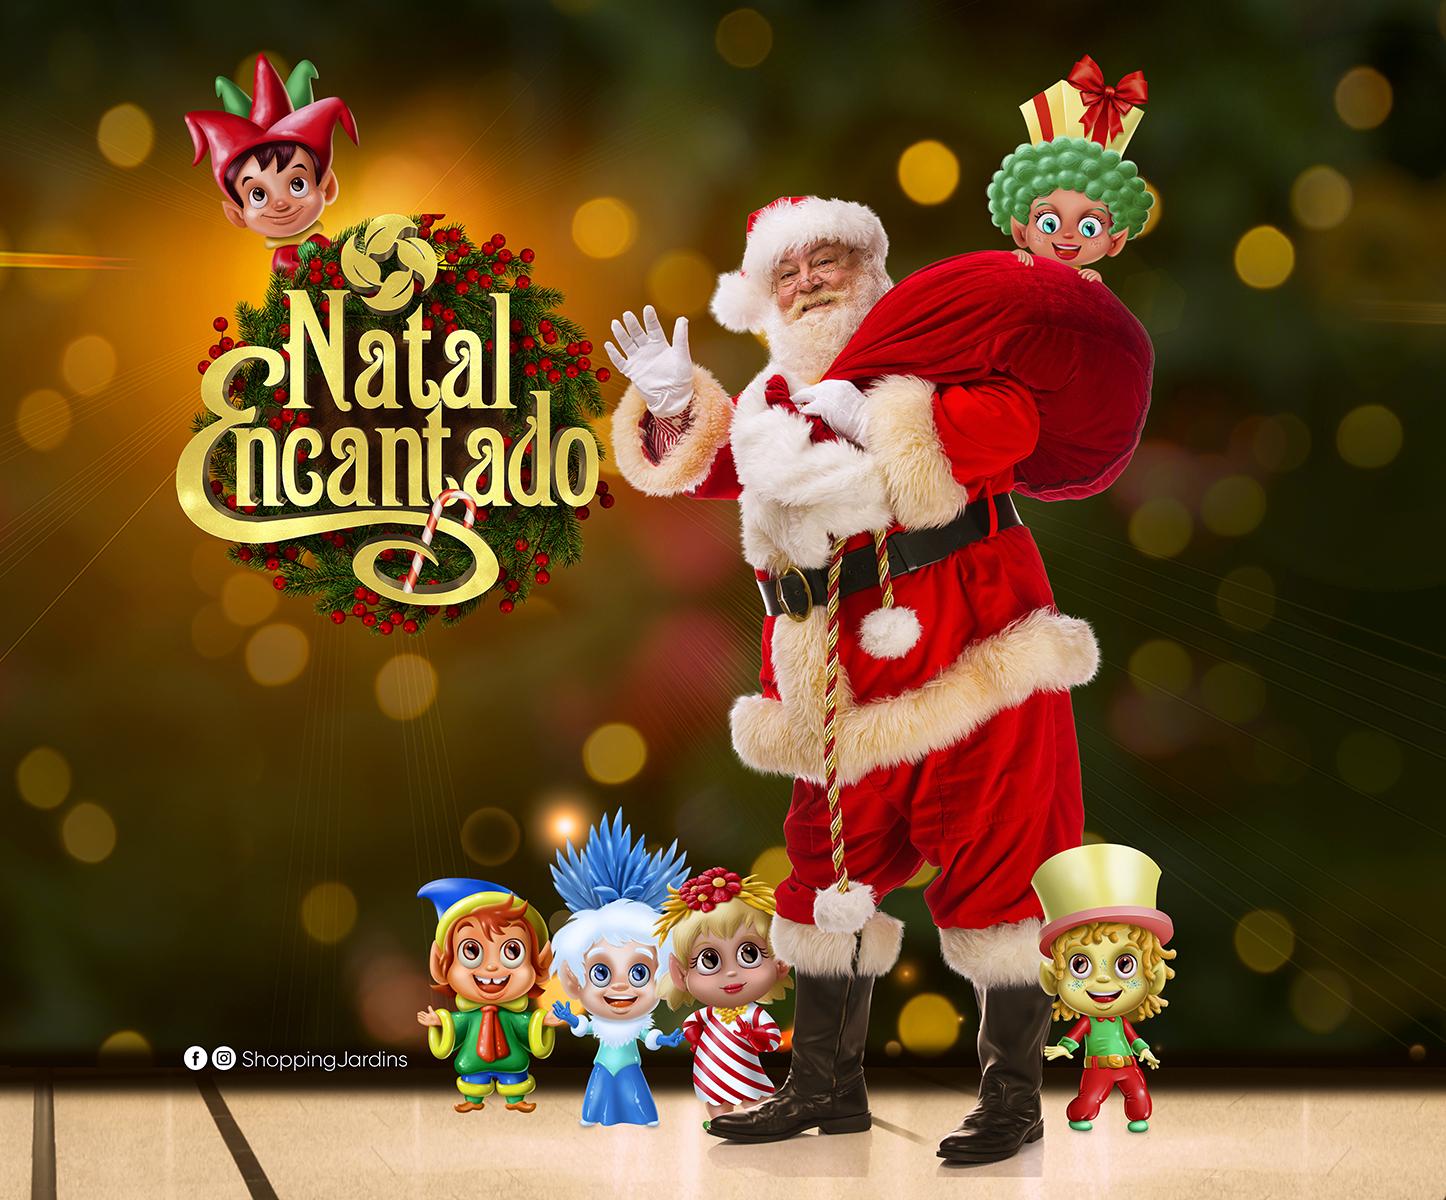 Papai Noel chega ao Shopping Jardins no dia 13 de novembro.jpg